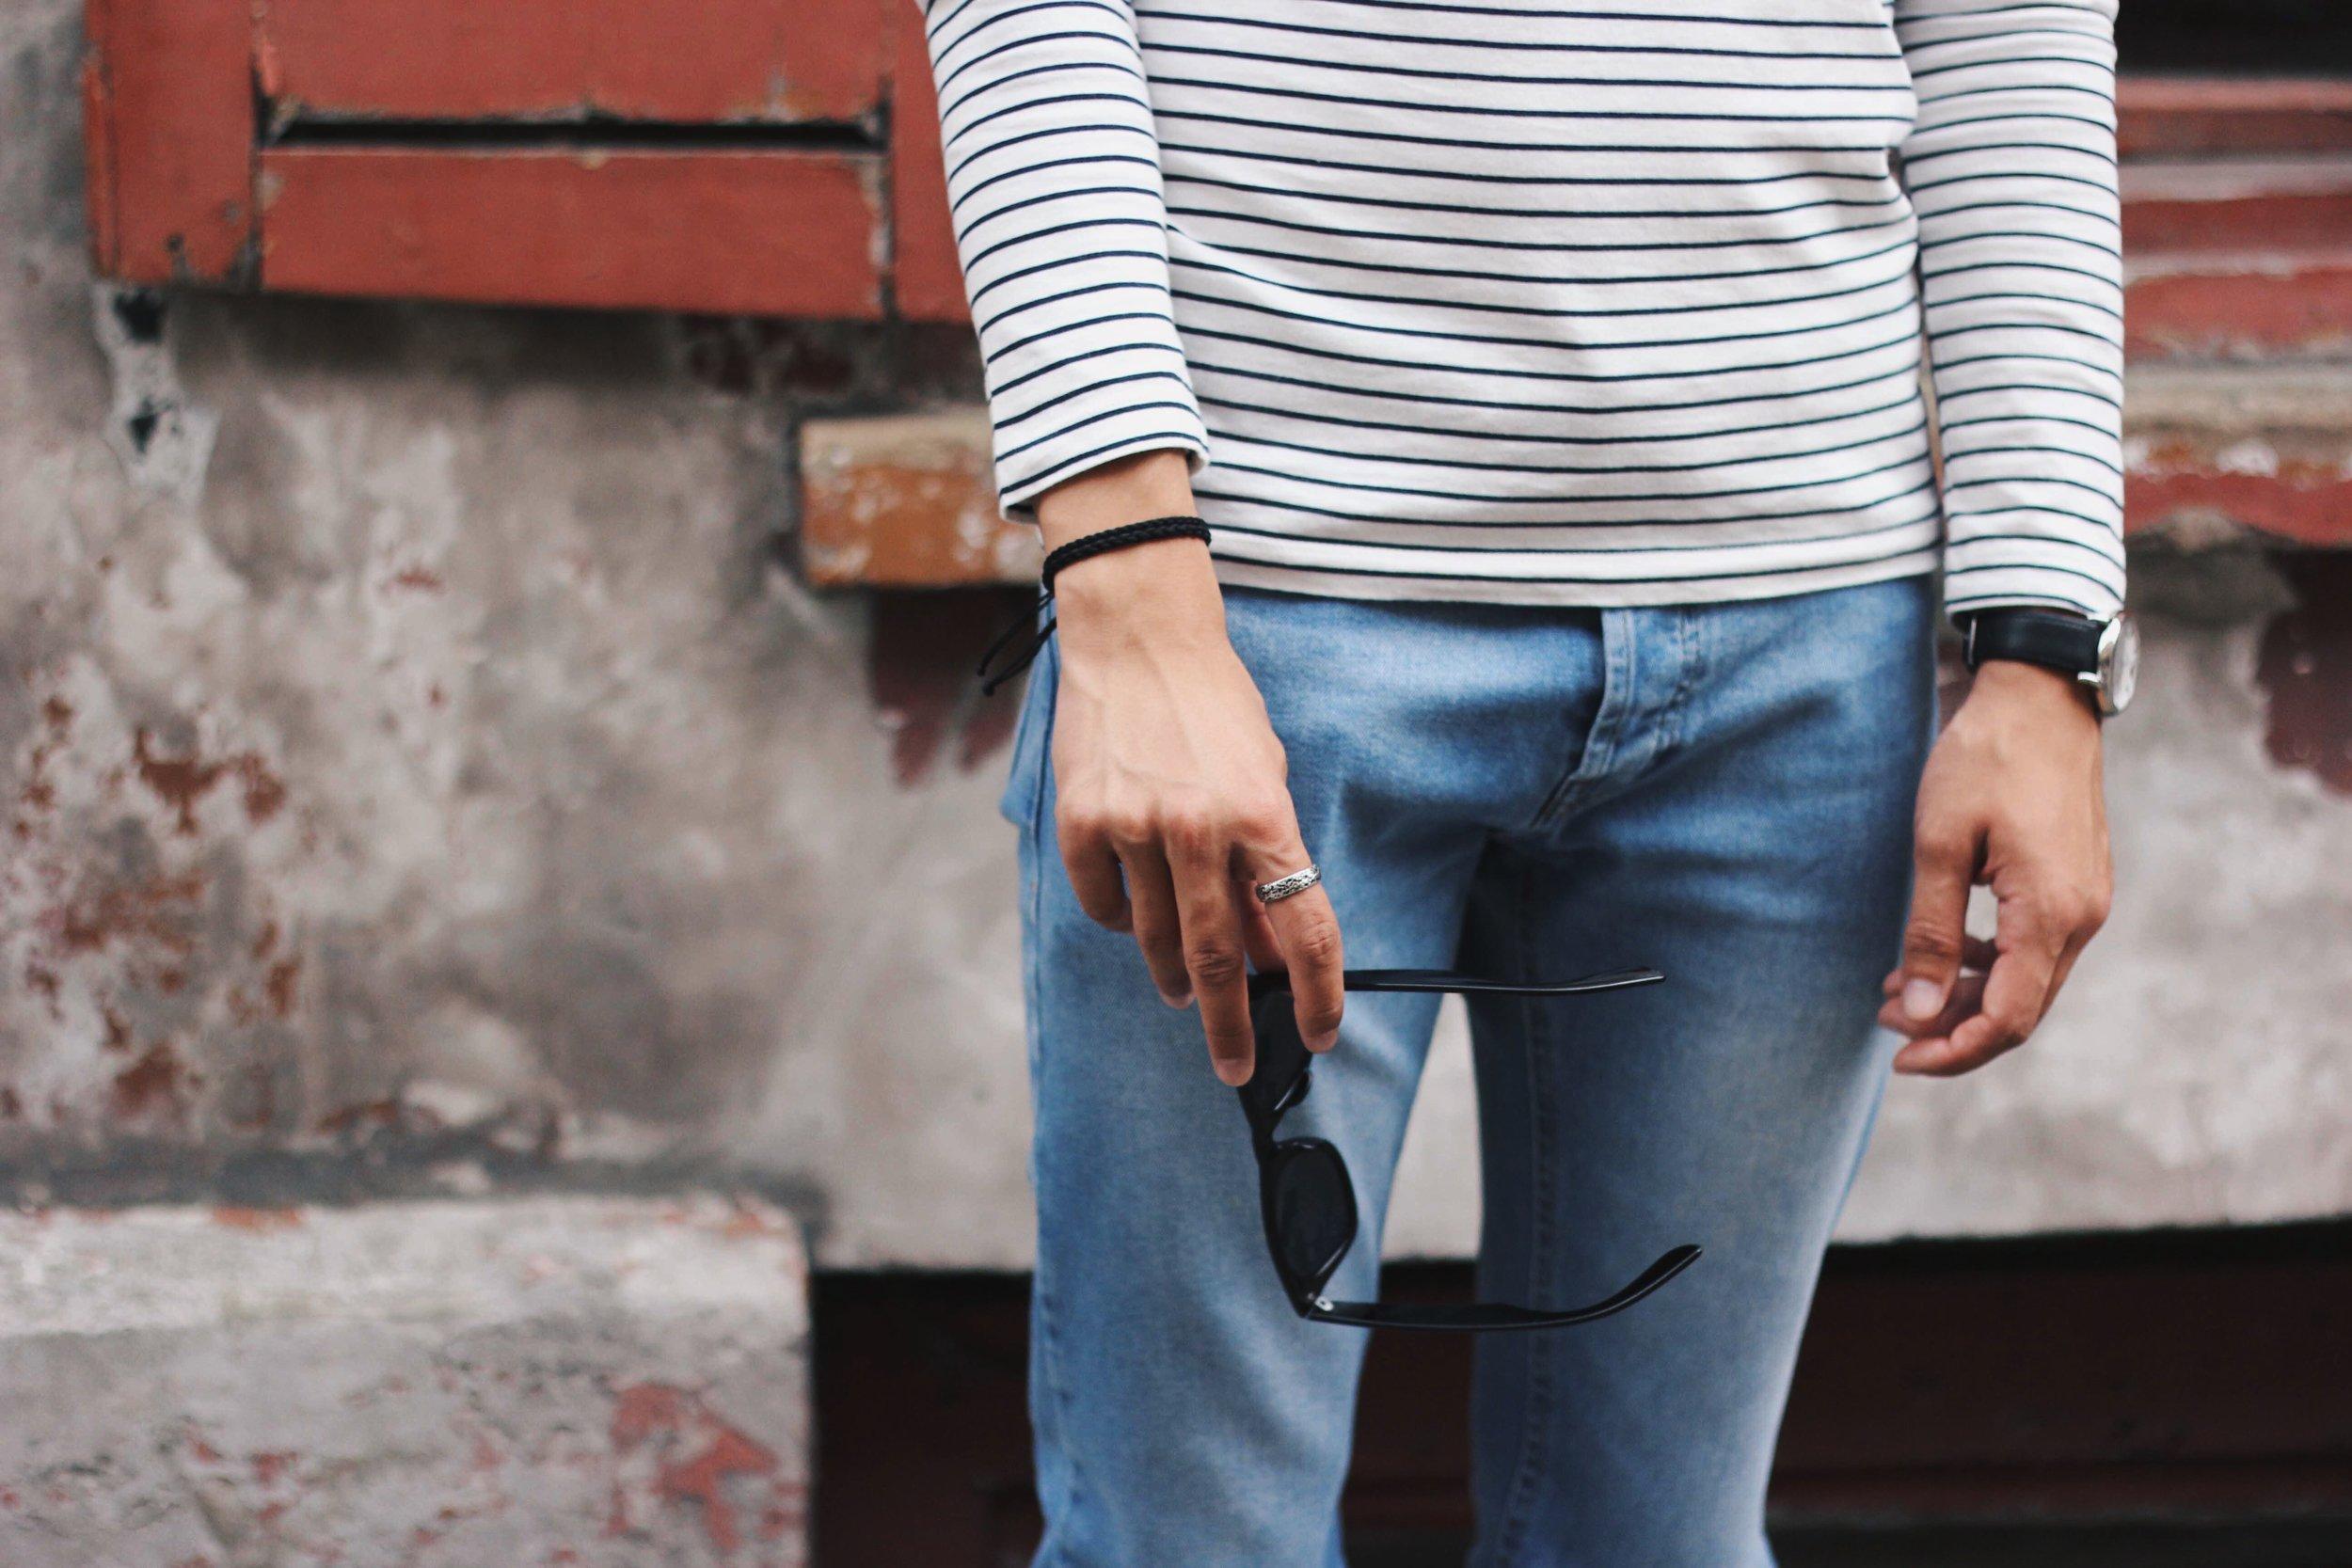 Jordan_Bunker_stripey_tees_ripped_jeans_2.jpg